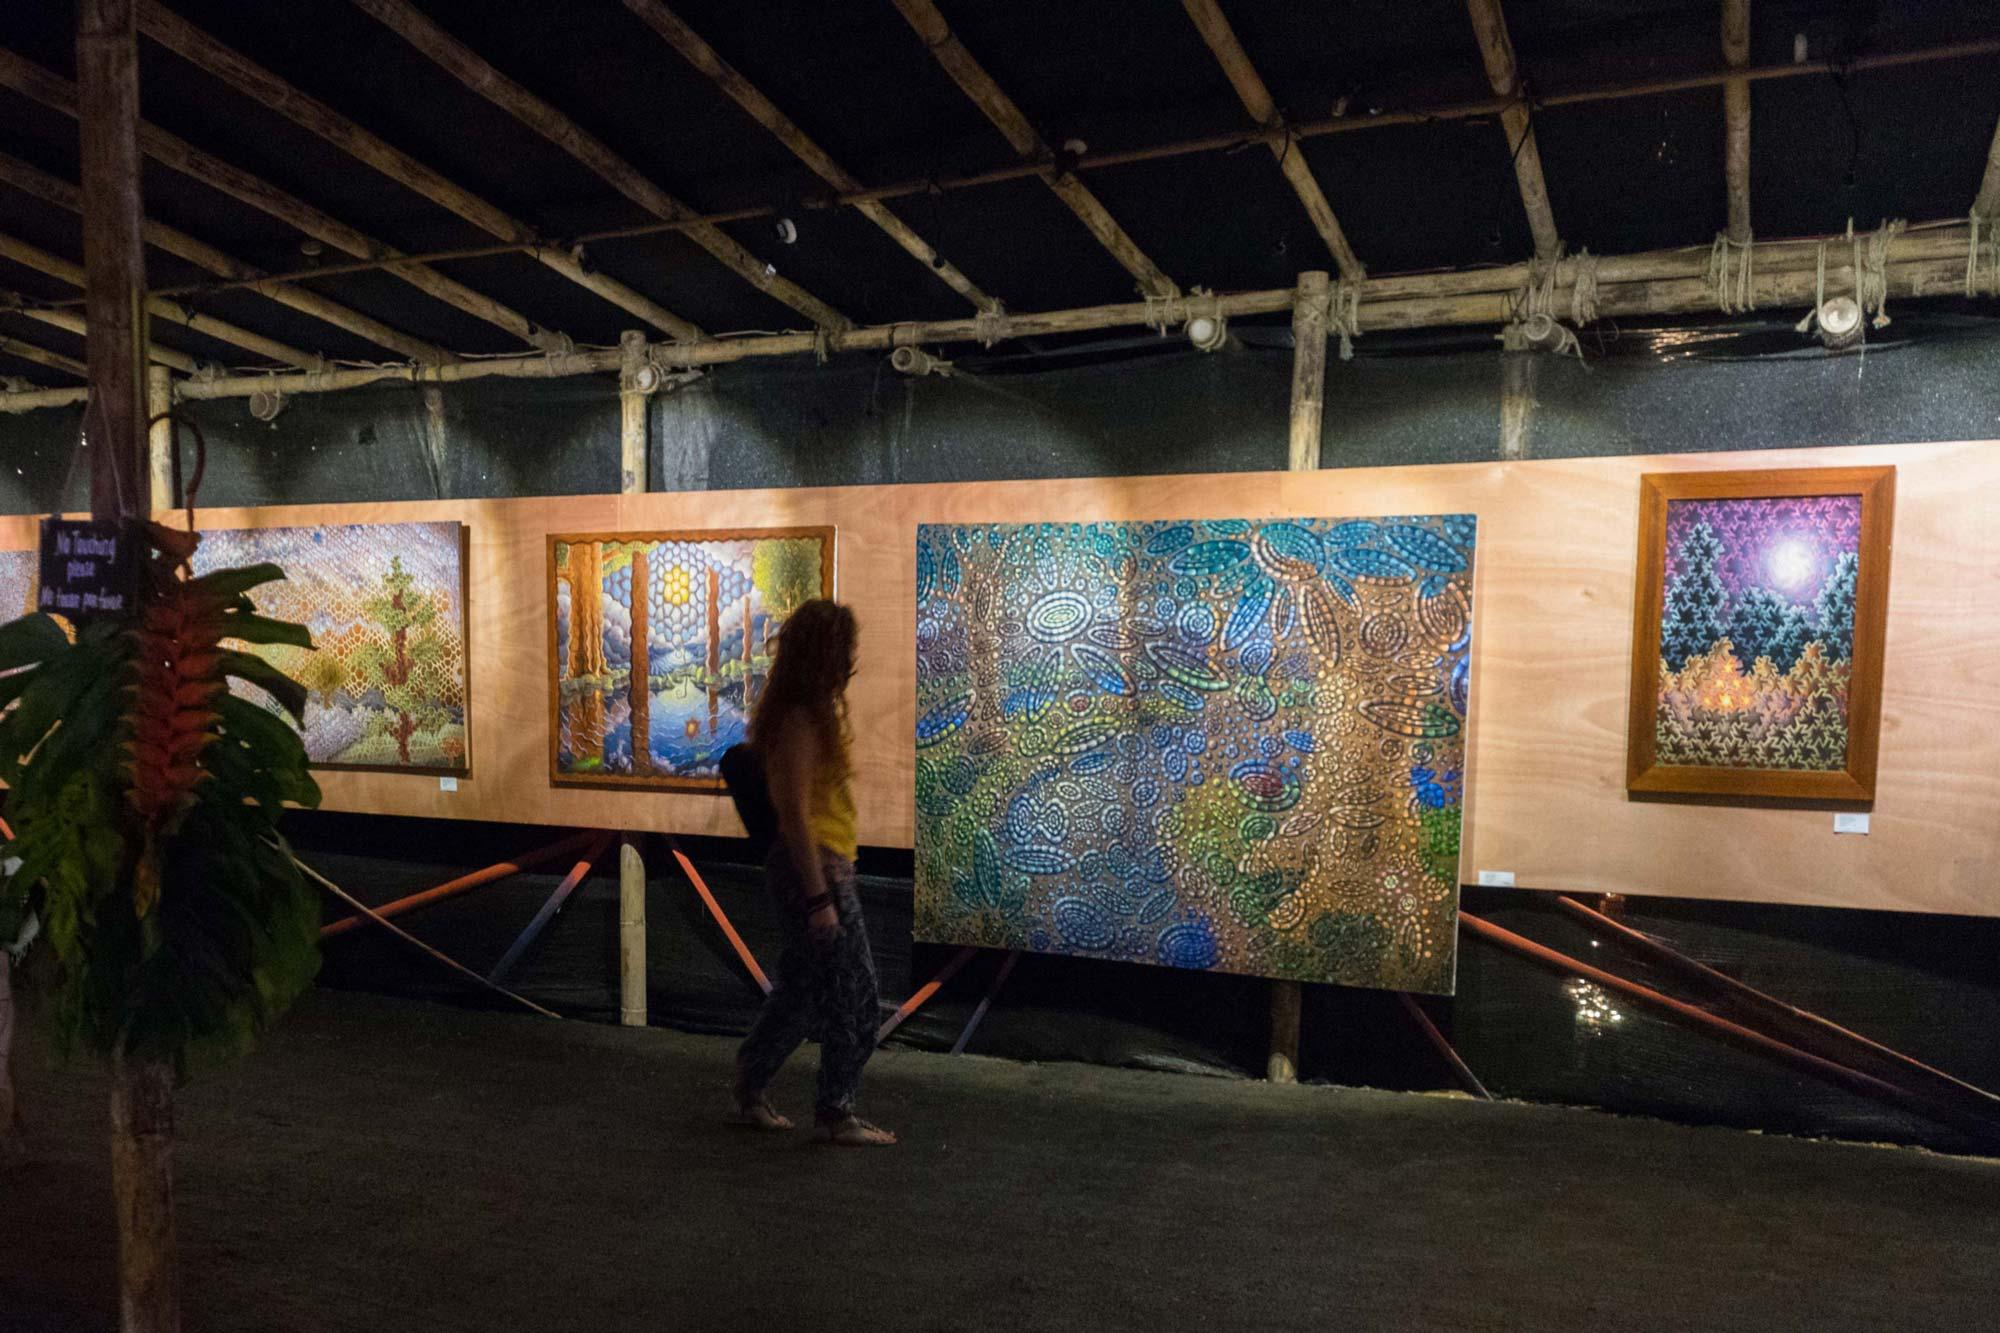 Galerie und Kunstausstellung auf dem Envision Festival.